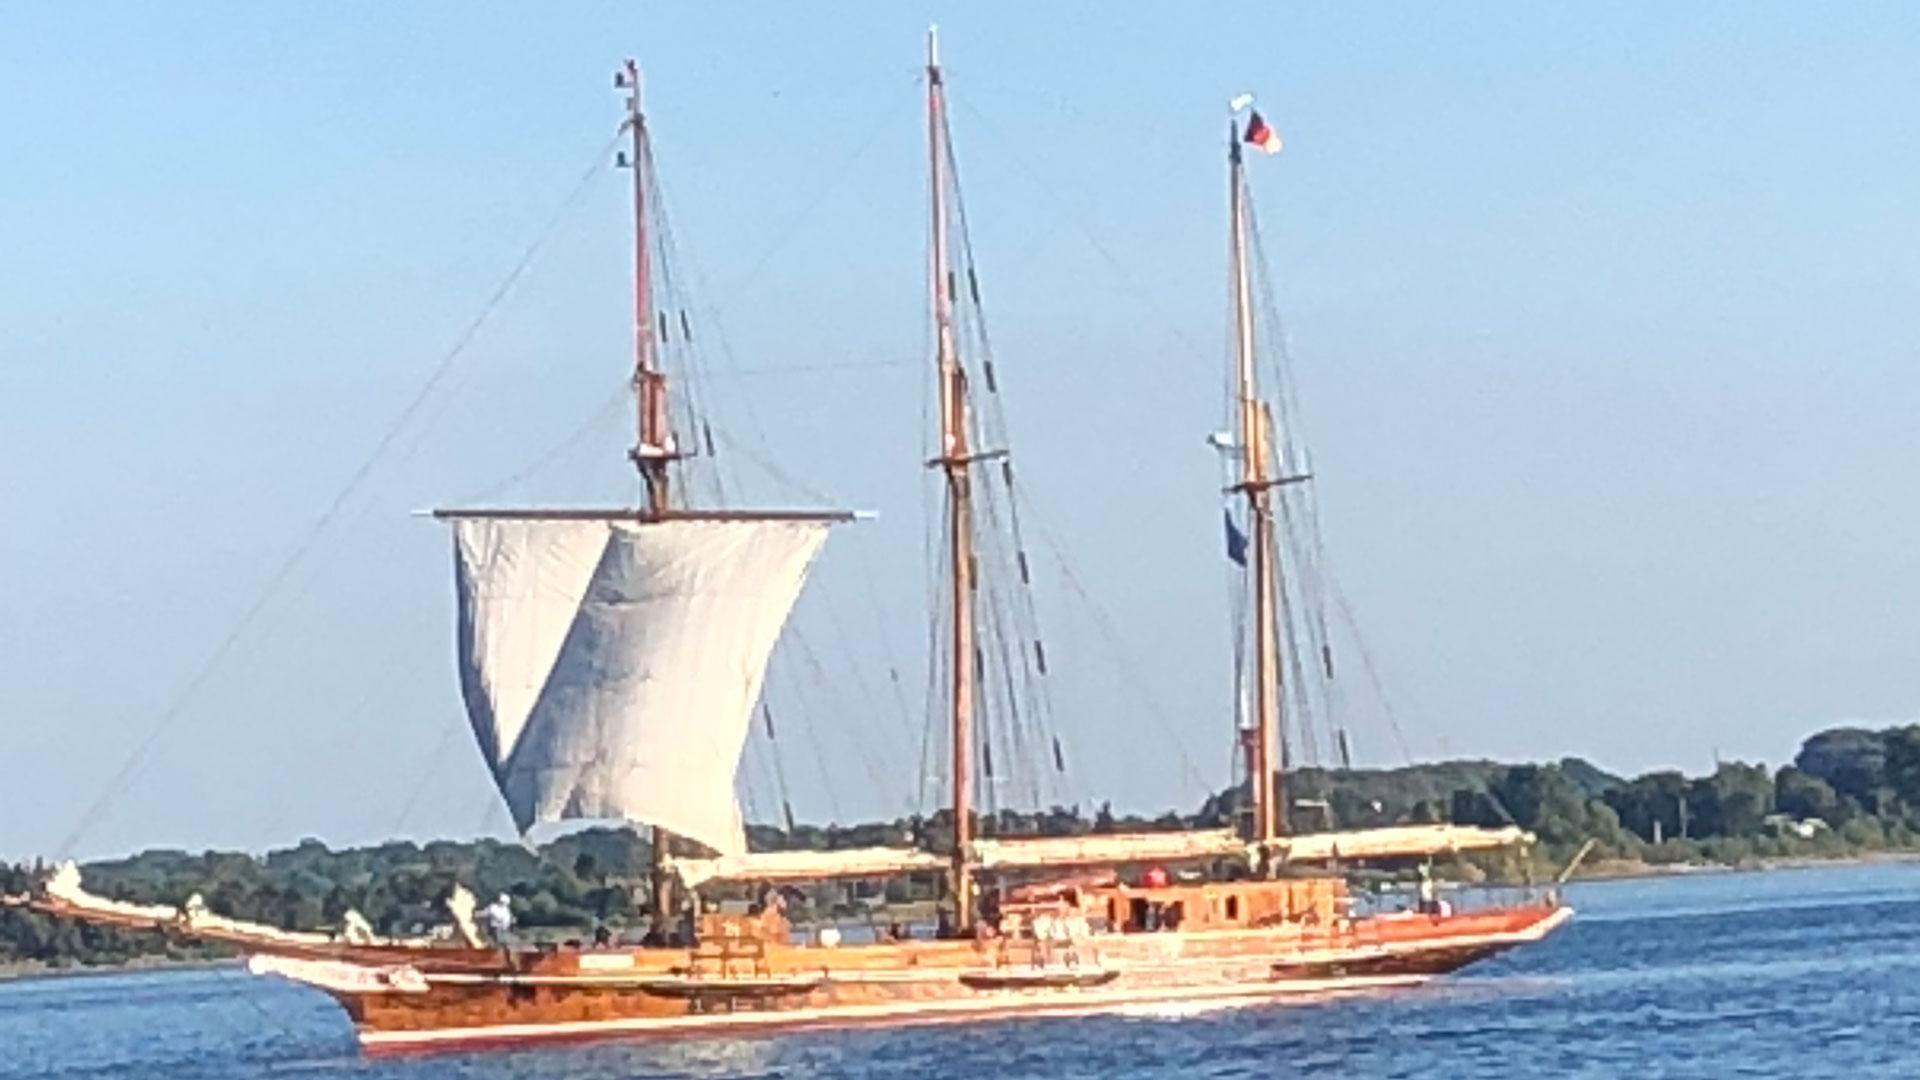 sejlskib